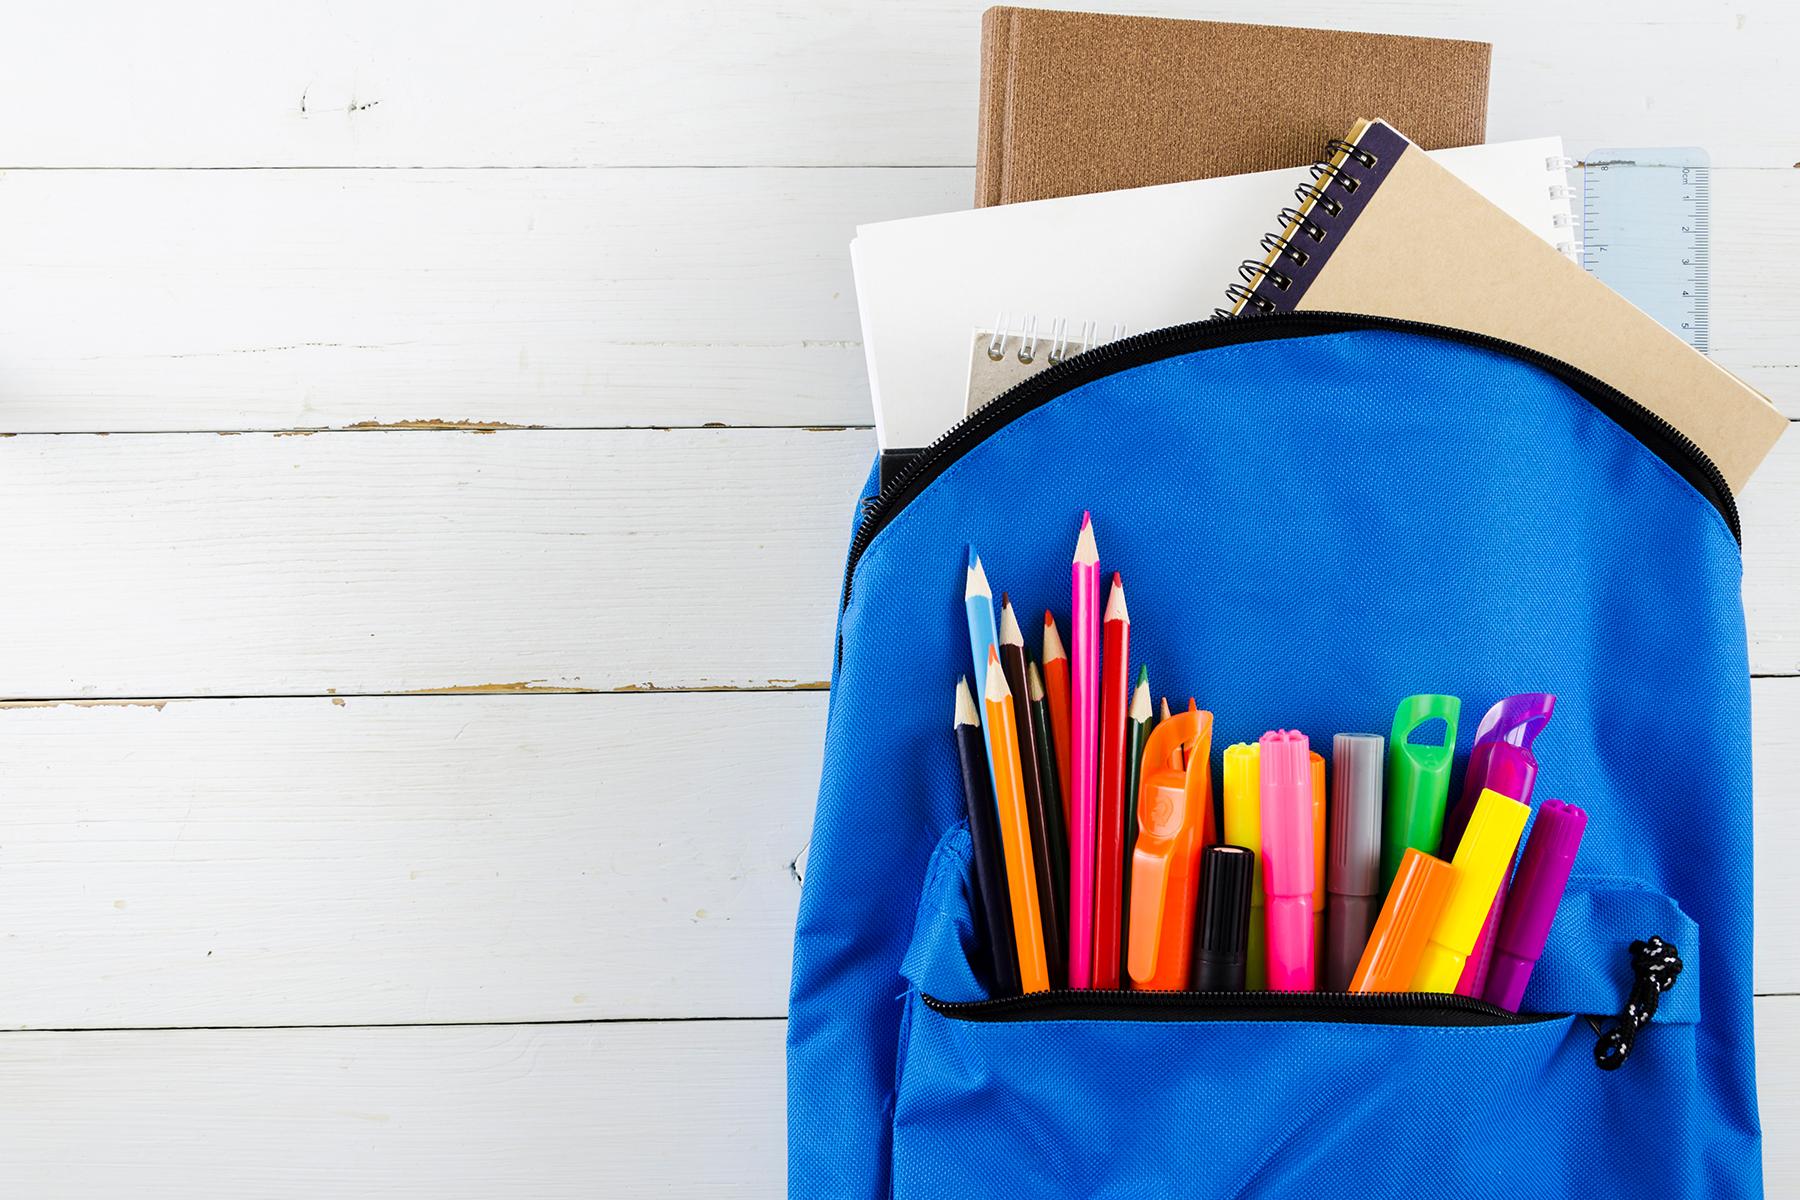 Mochila com materiais escolares